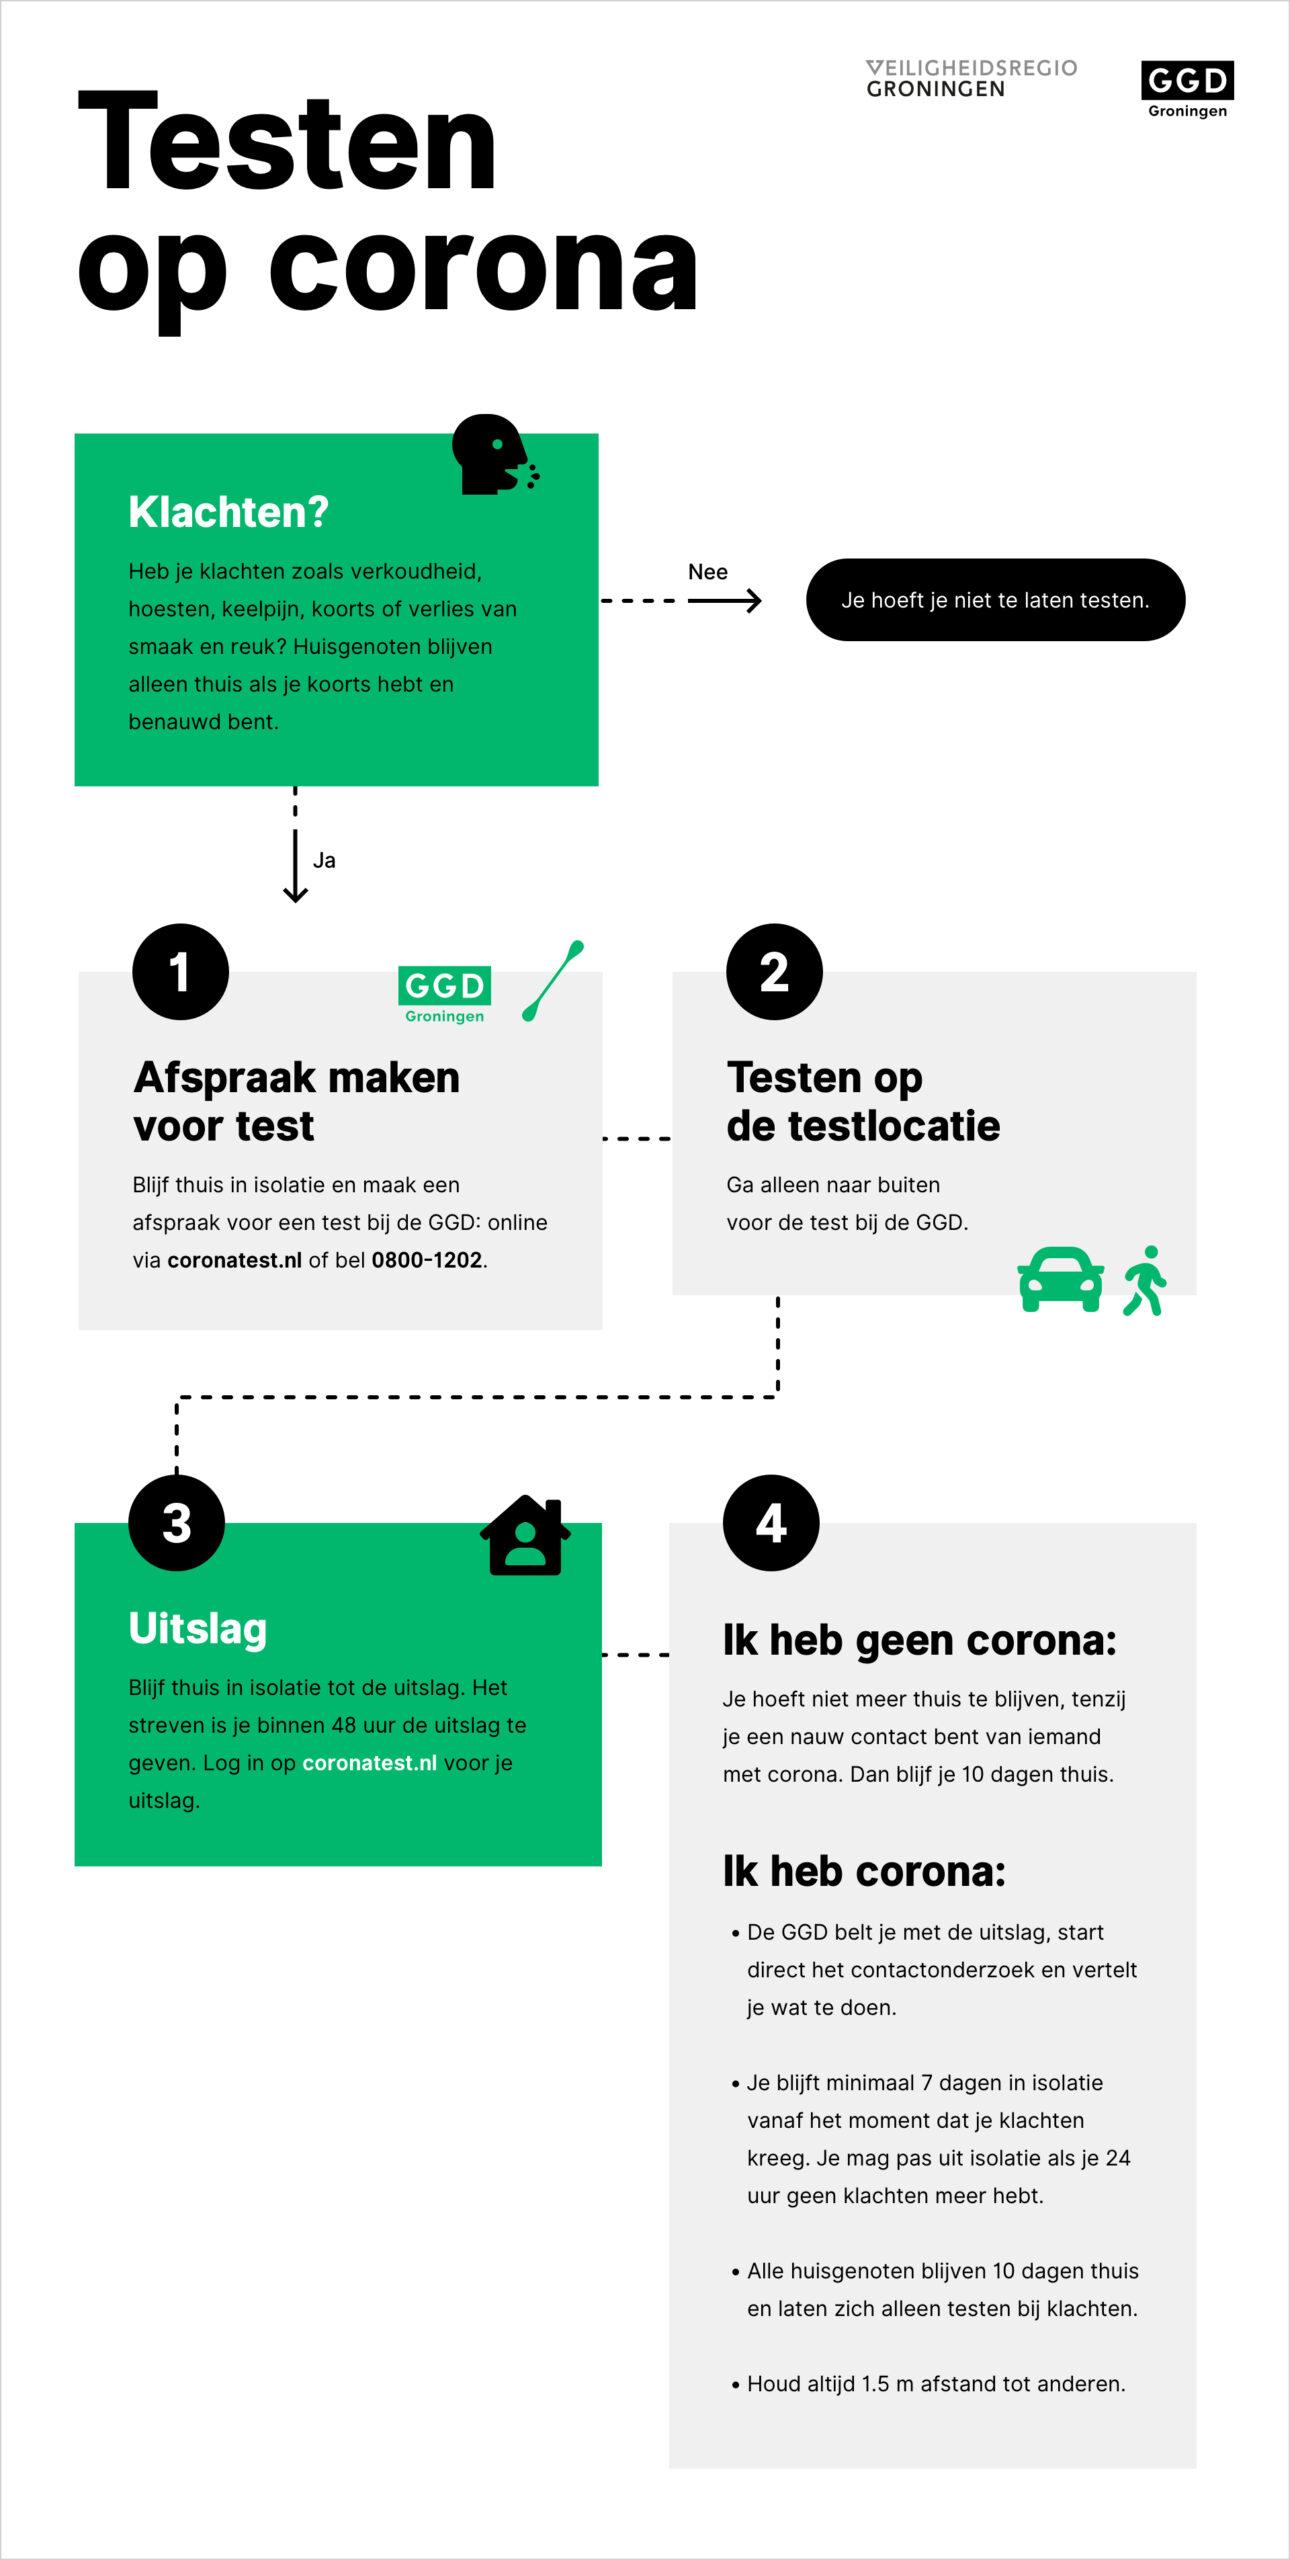 Infographic beslisboom over hoe testen werkt. Al deze informatie is ook beschikbaar in de test en op rijksoverheid.nl